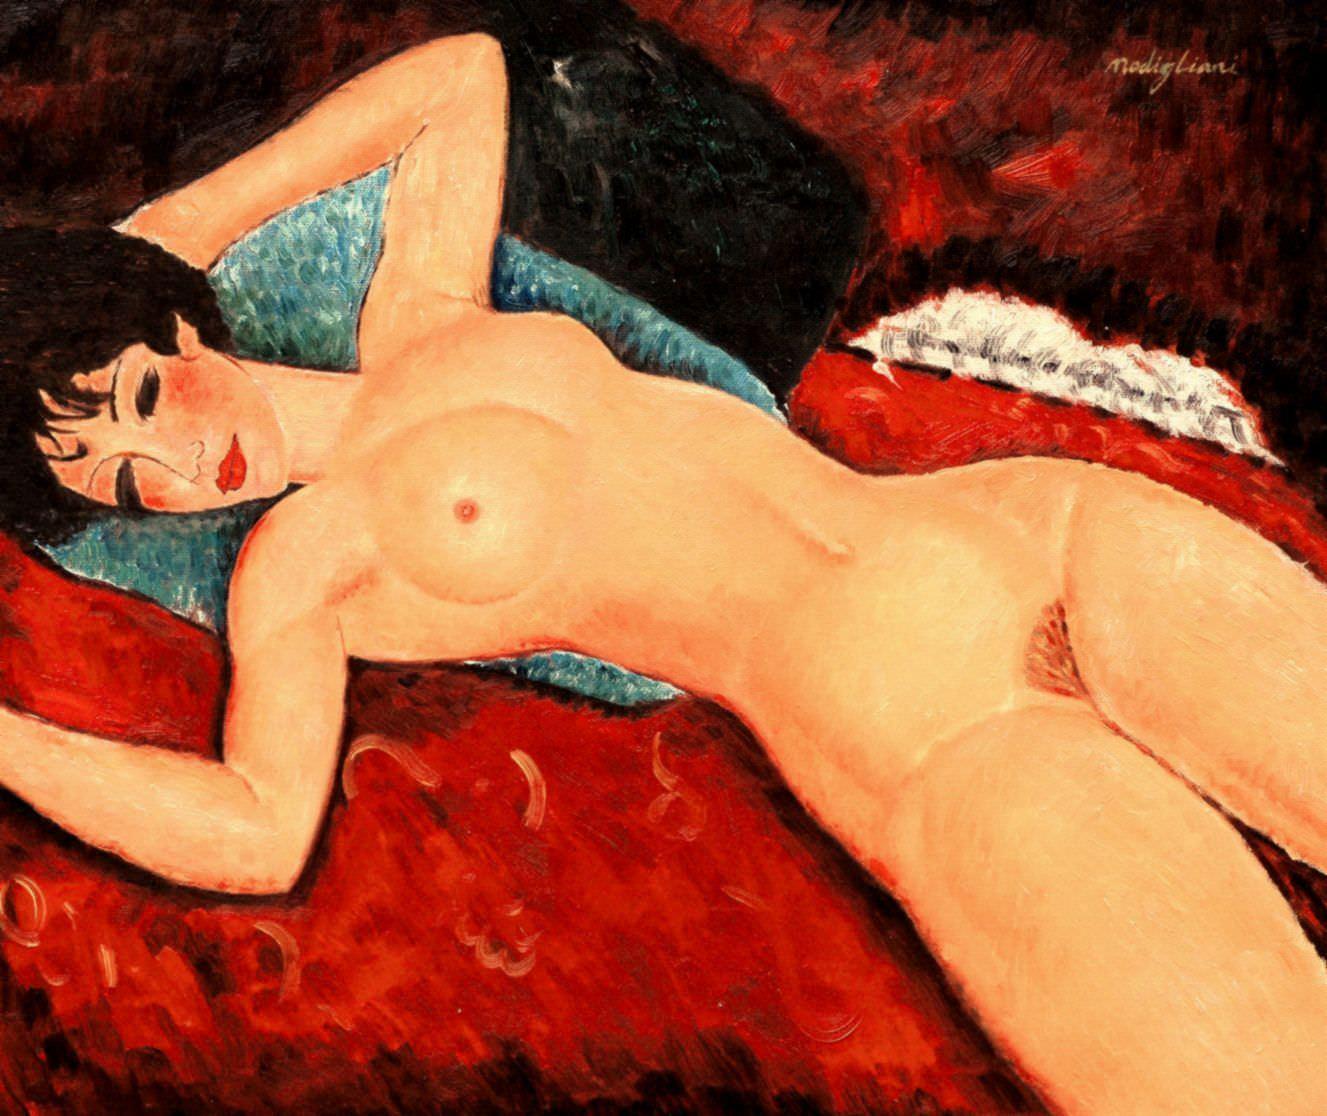 Amedeo Modigliani - Akt mit blauem Kissen c96287 50x60cm exzellentes Ölbild Museumsqualität